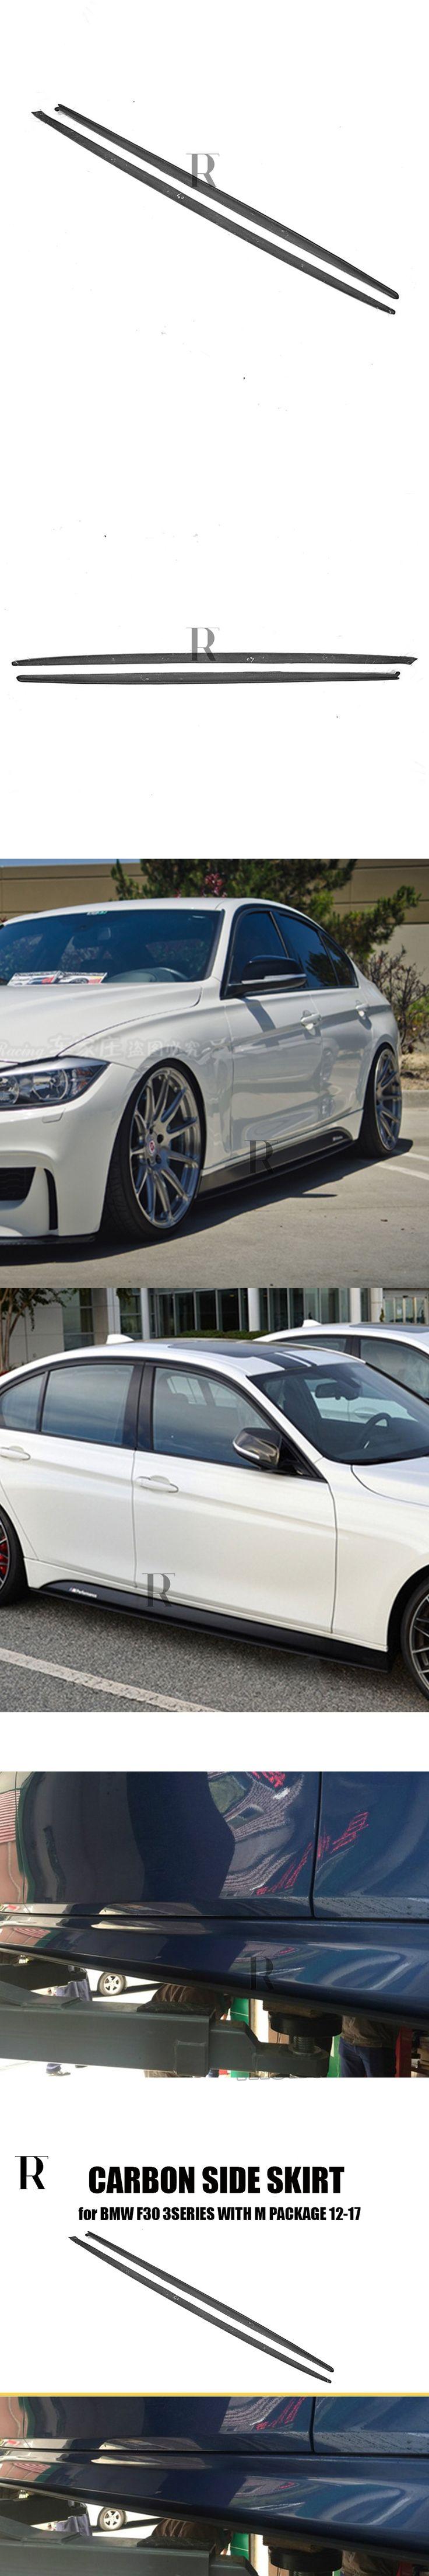 F30 Carbon Fiber Side Bumper Skirt for BMW F30 320i 328i 330i 335i 320d 325d 328d 330d 335d M-tech M-Sport Bumper 2012 - 2016